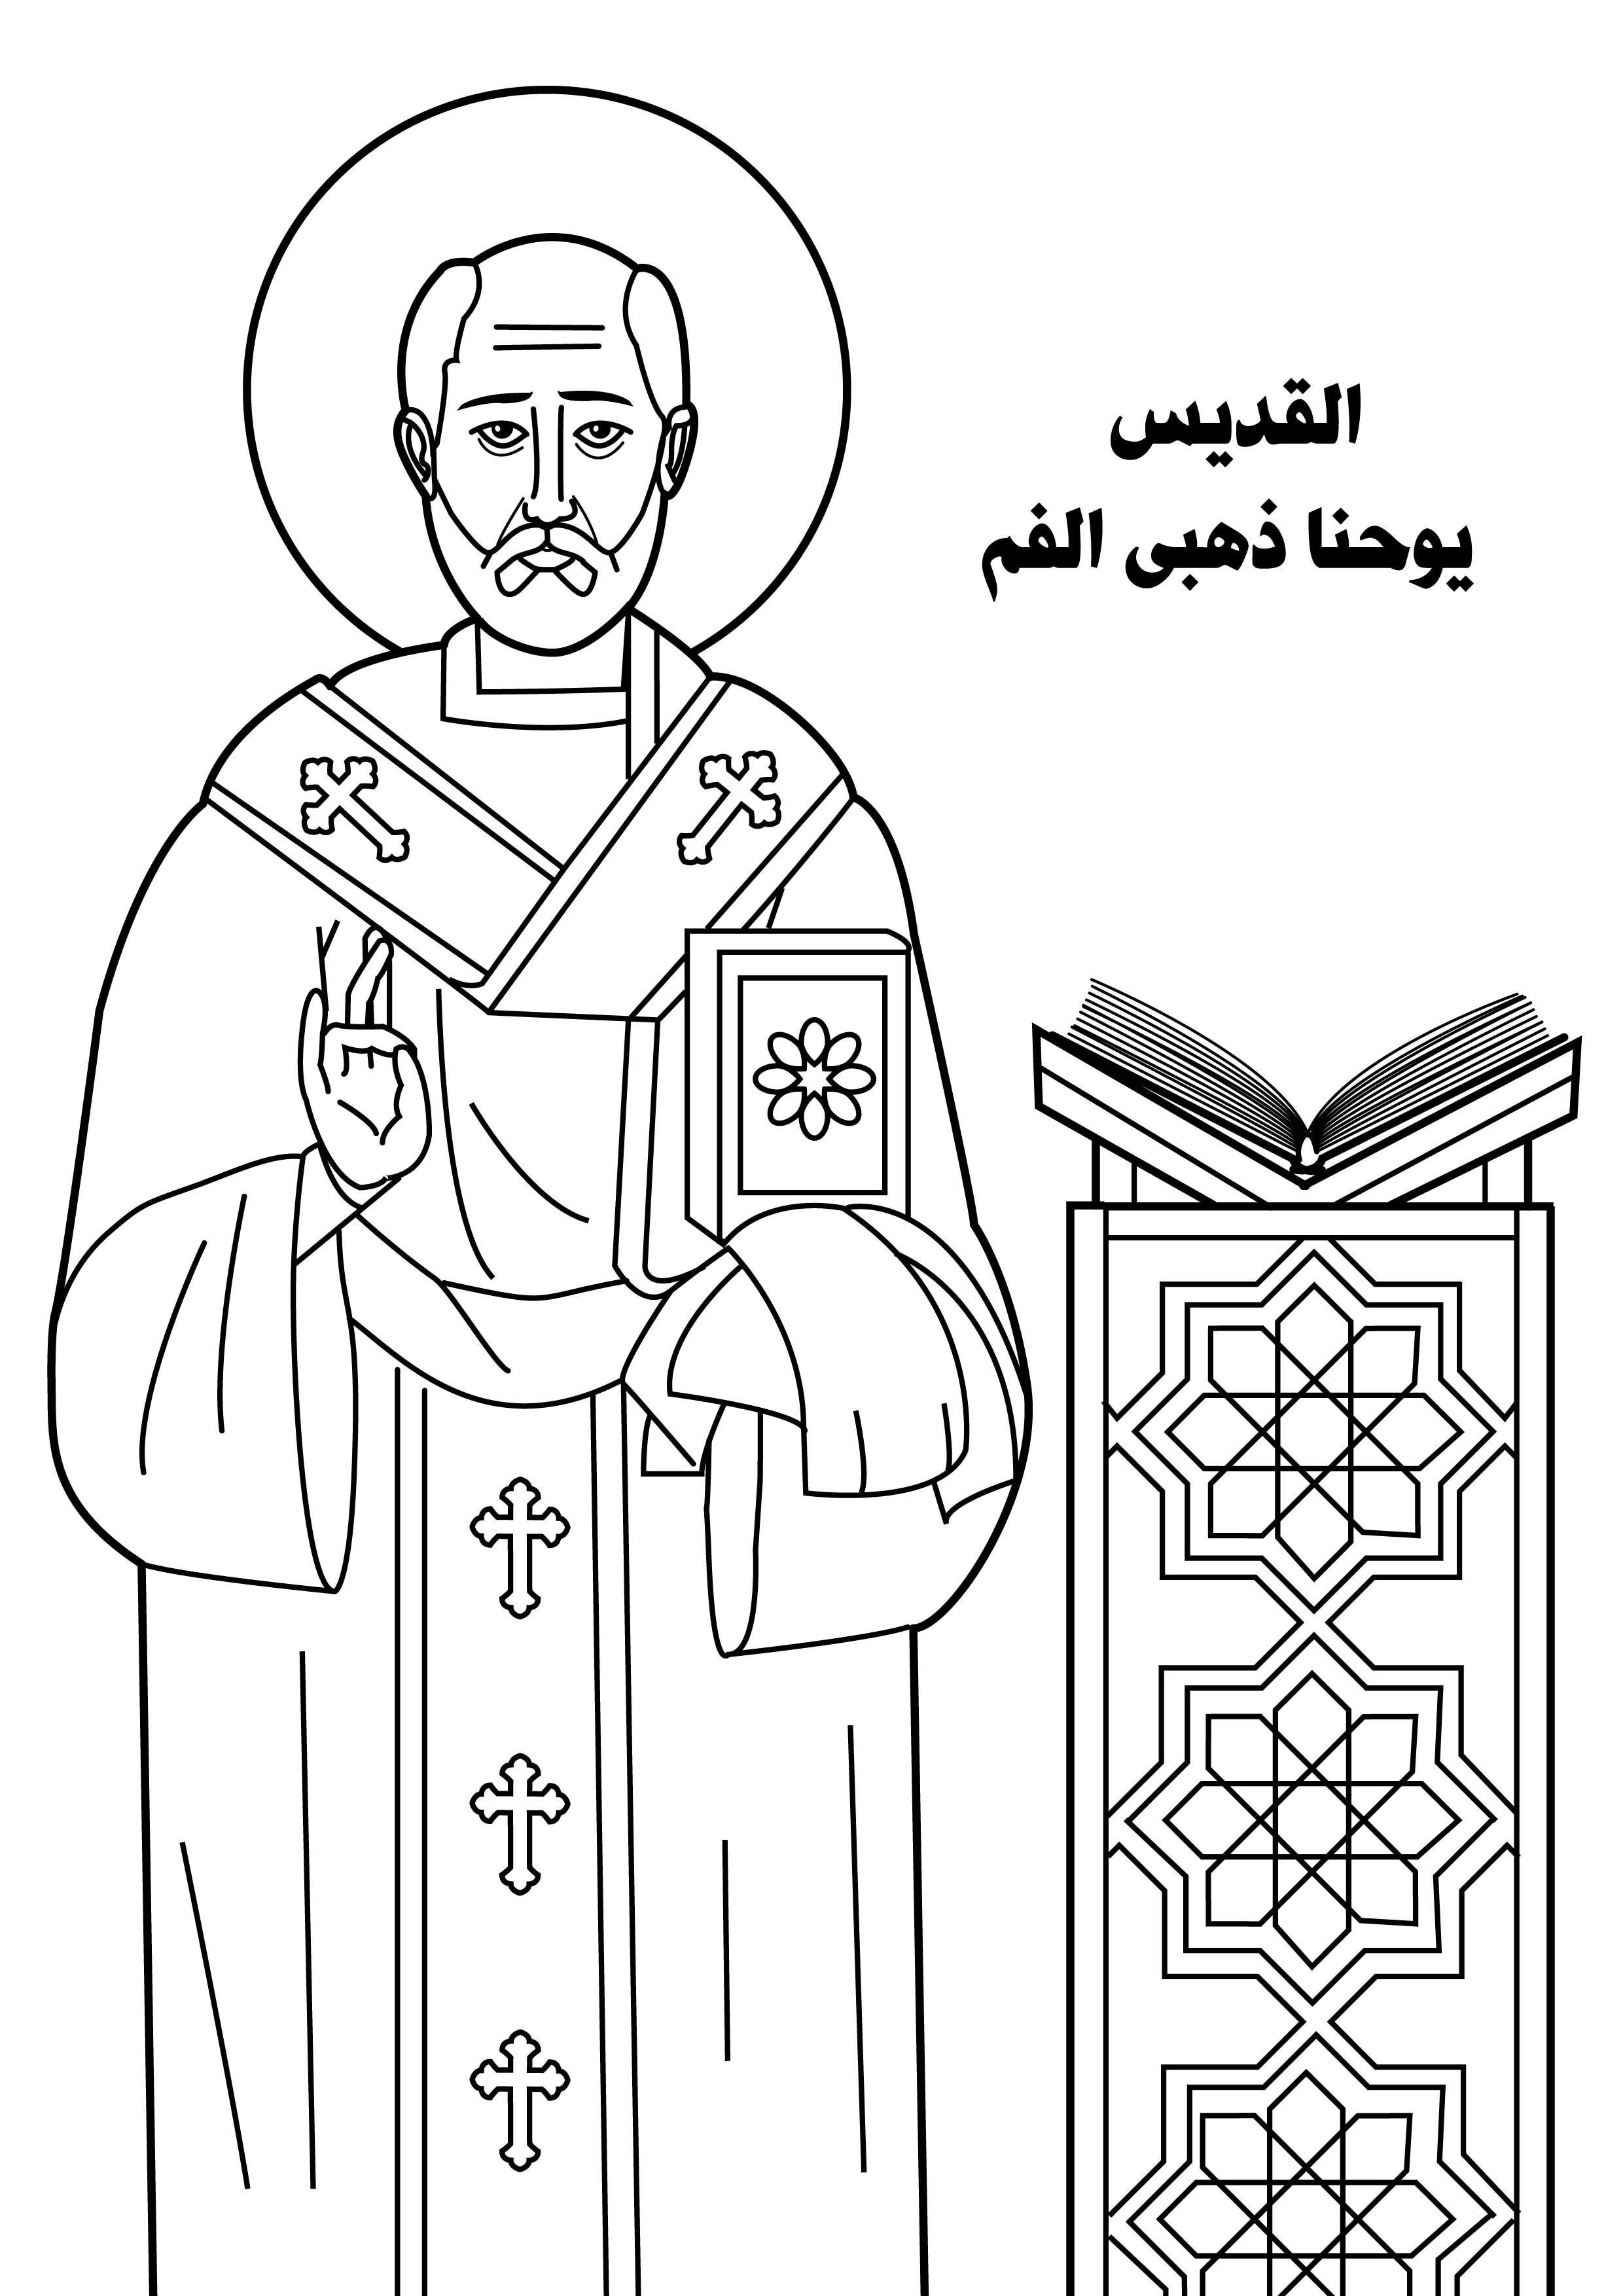 Clip Art Saint Nicholas Coloring Pages adult beauty st nicholas coloring page images dashah cute saint az pages orthodox saints